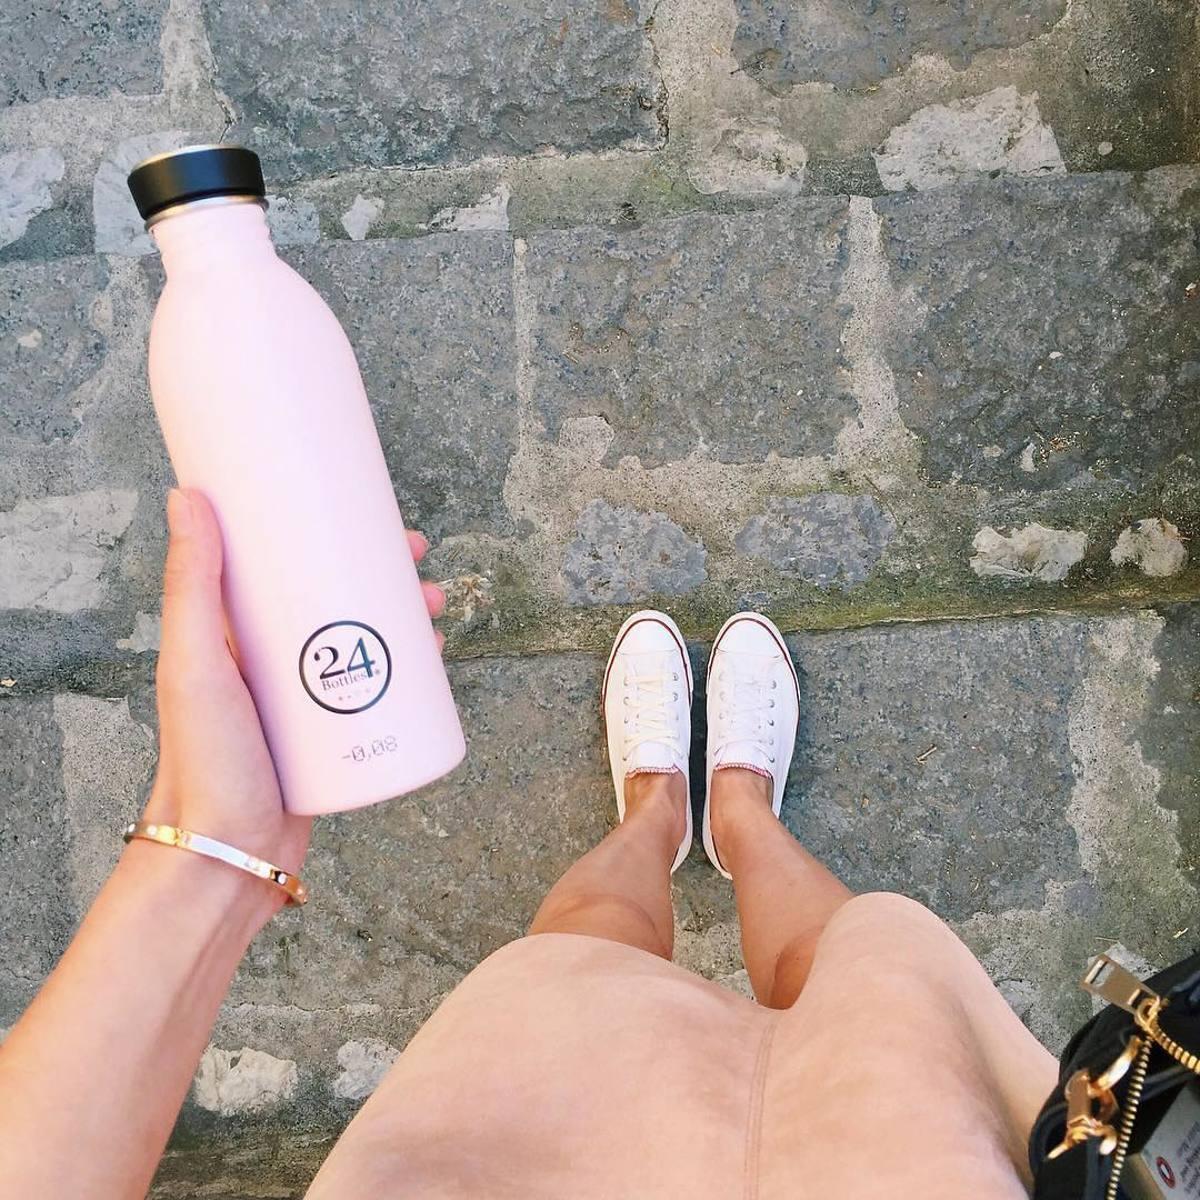 毎日持ち歩きたくなる、色柄豊富なイタリアンデザインのマイボトル|24Bottles(トゥエンティーフォーボトルズ)